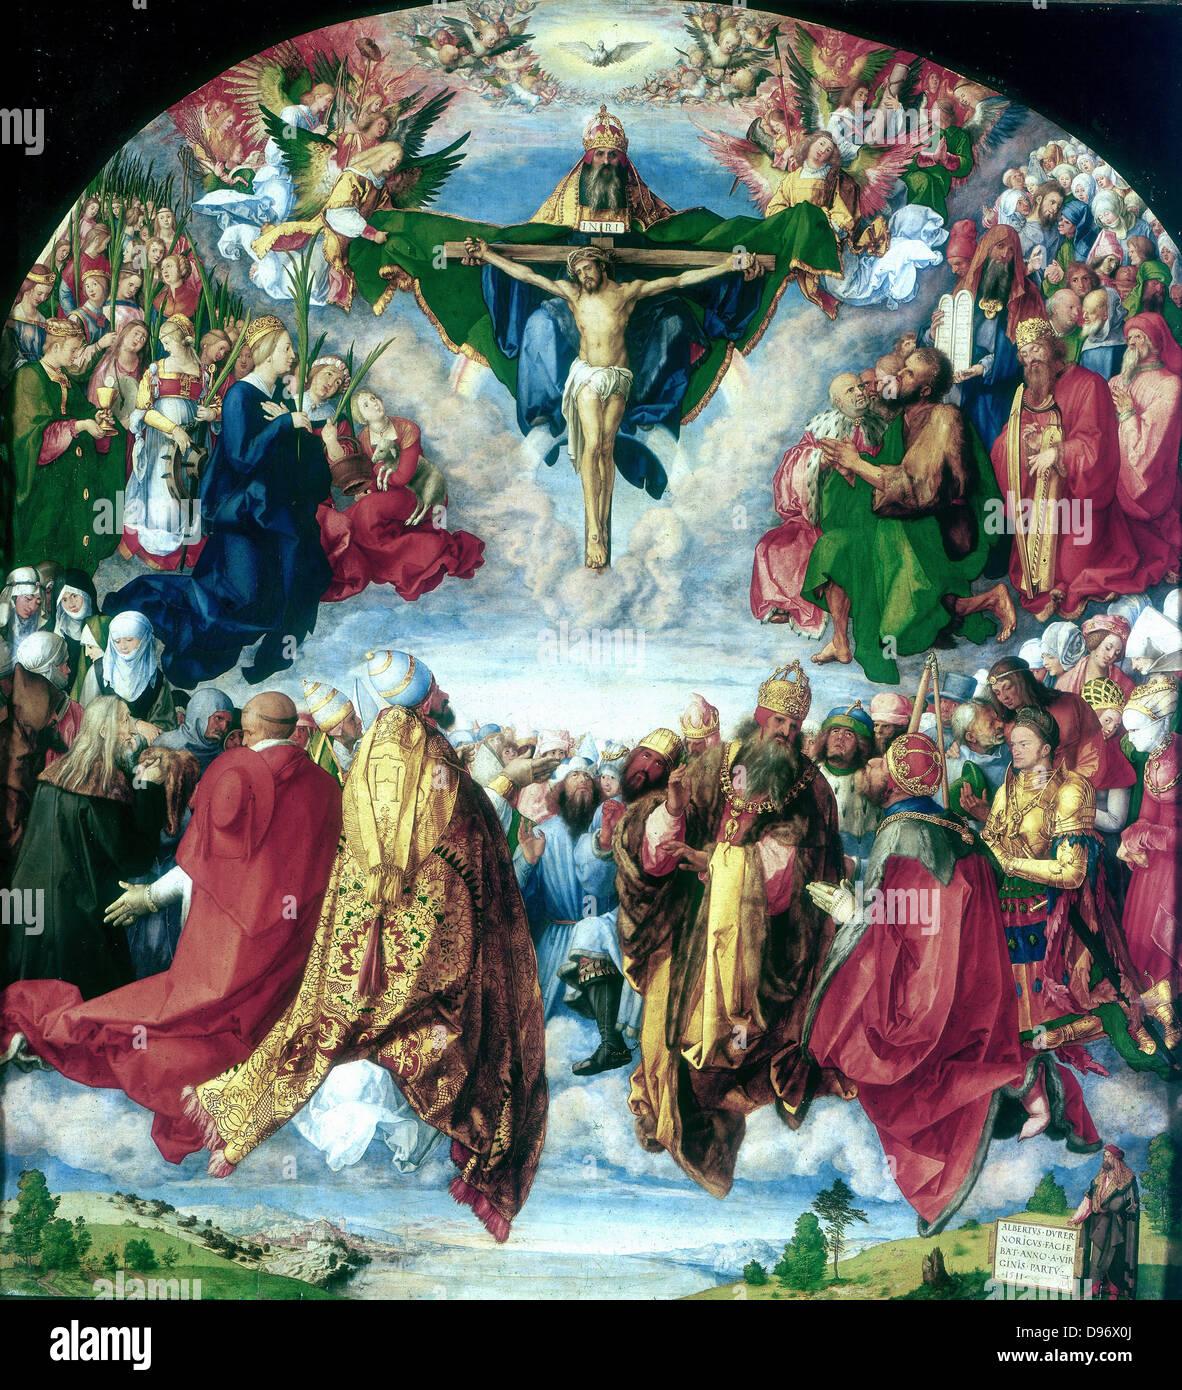 Anbetung der Dreifaltigkeit (1510). Albrecht Dürer (1471-1528) deutscher Künstler. Stockbild